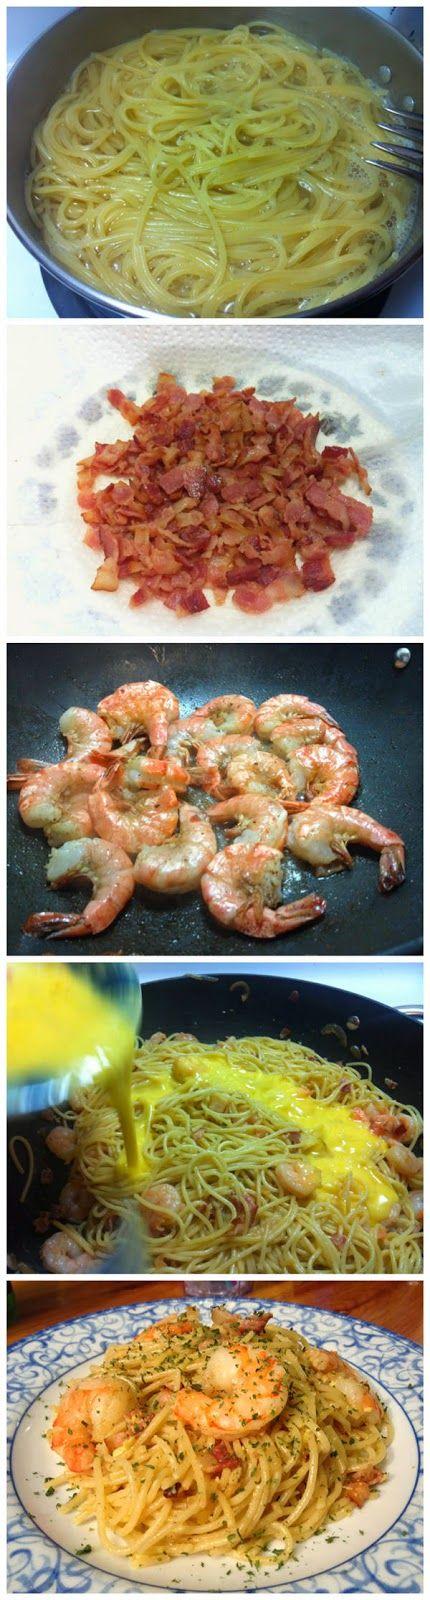 Shrimp and Bacon Carbonara #recipe